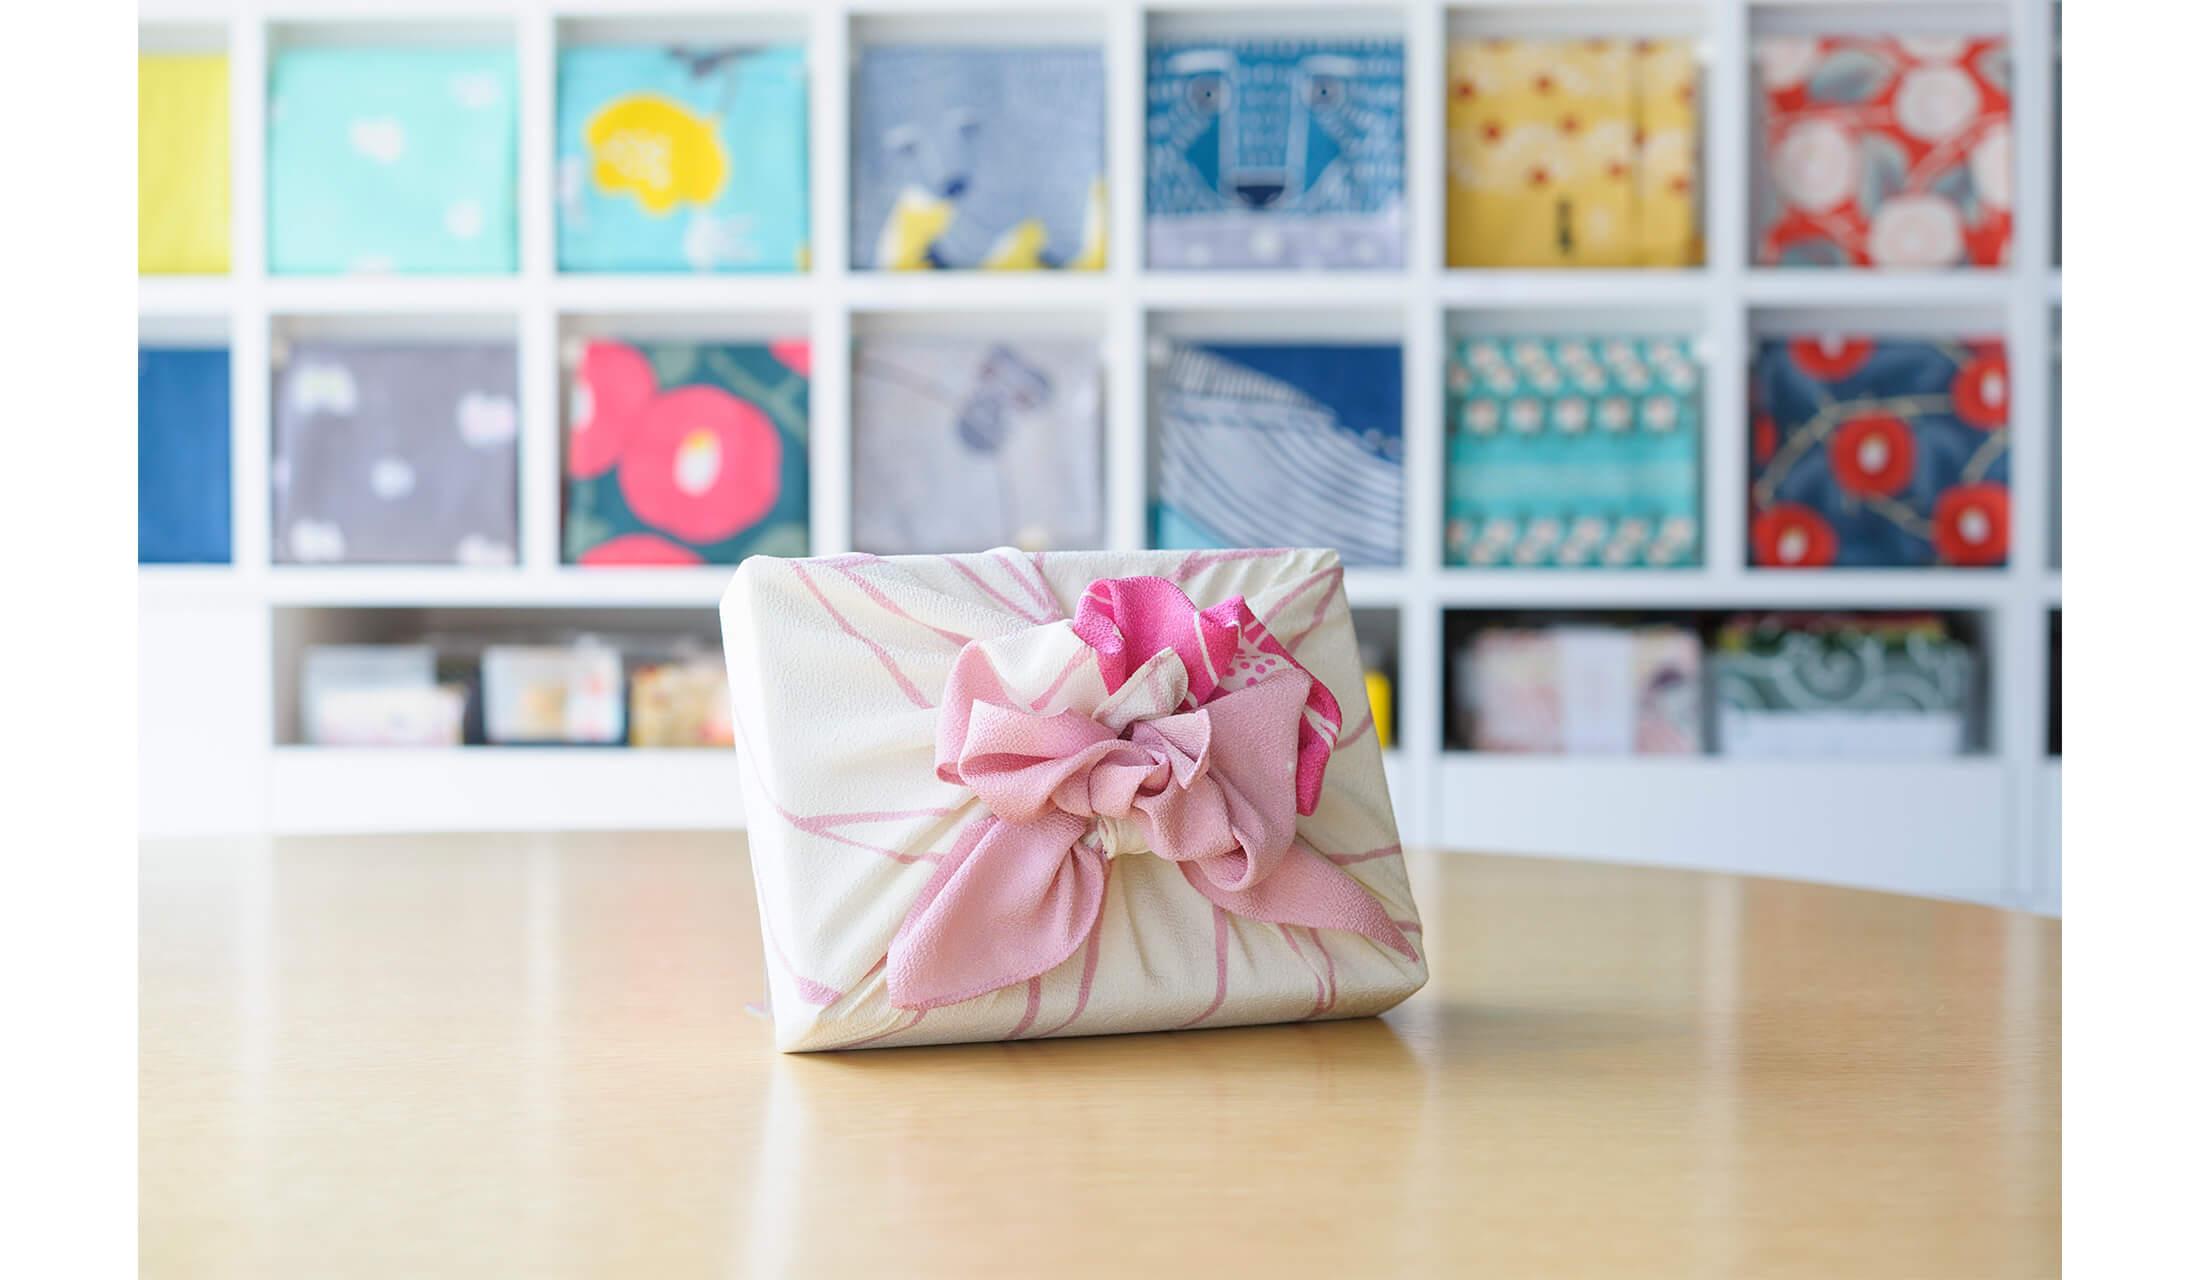 風呂敷専門店「むす美」の店内にて記事で紹介する「花包み」の完成形